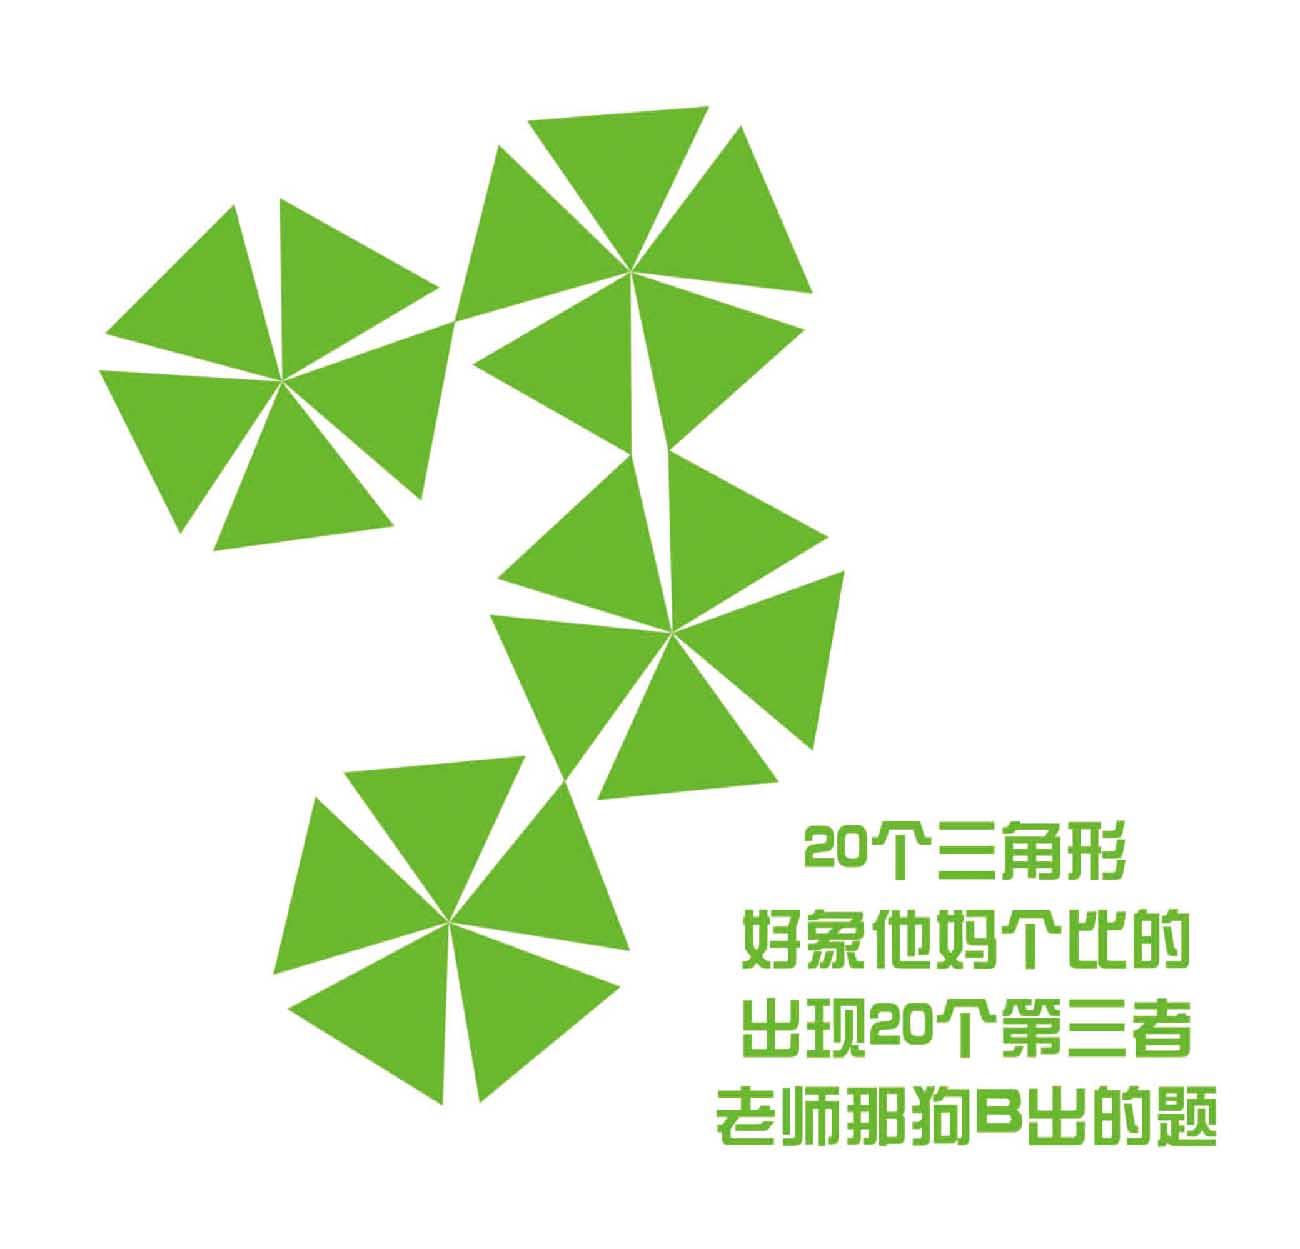 设计分享 三角形创意设计 图形 > logo设计模板下载,logo  logo设计图片